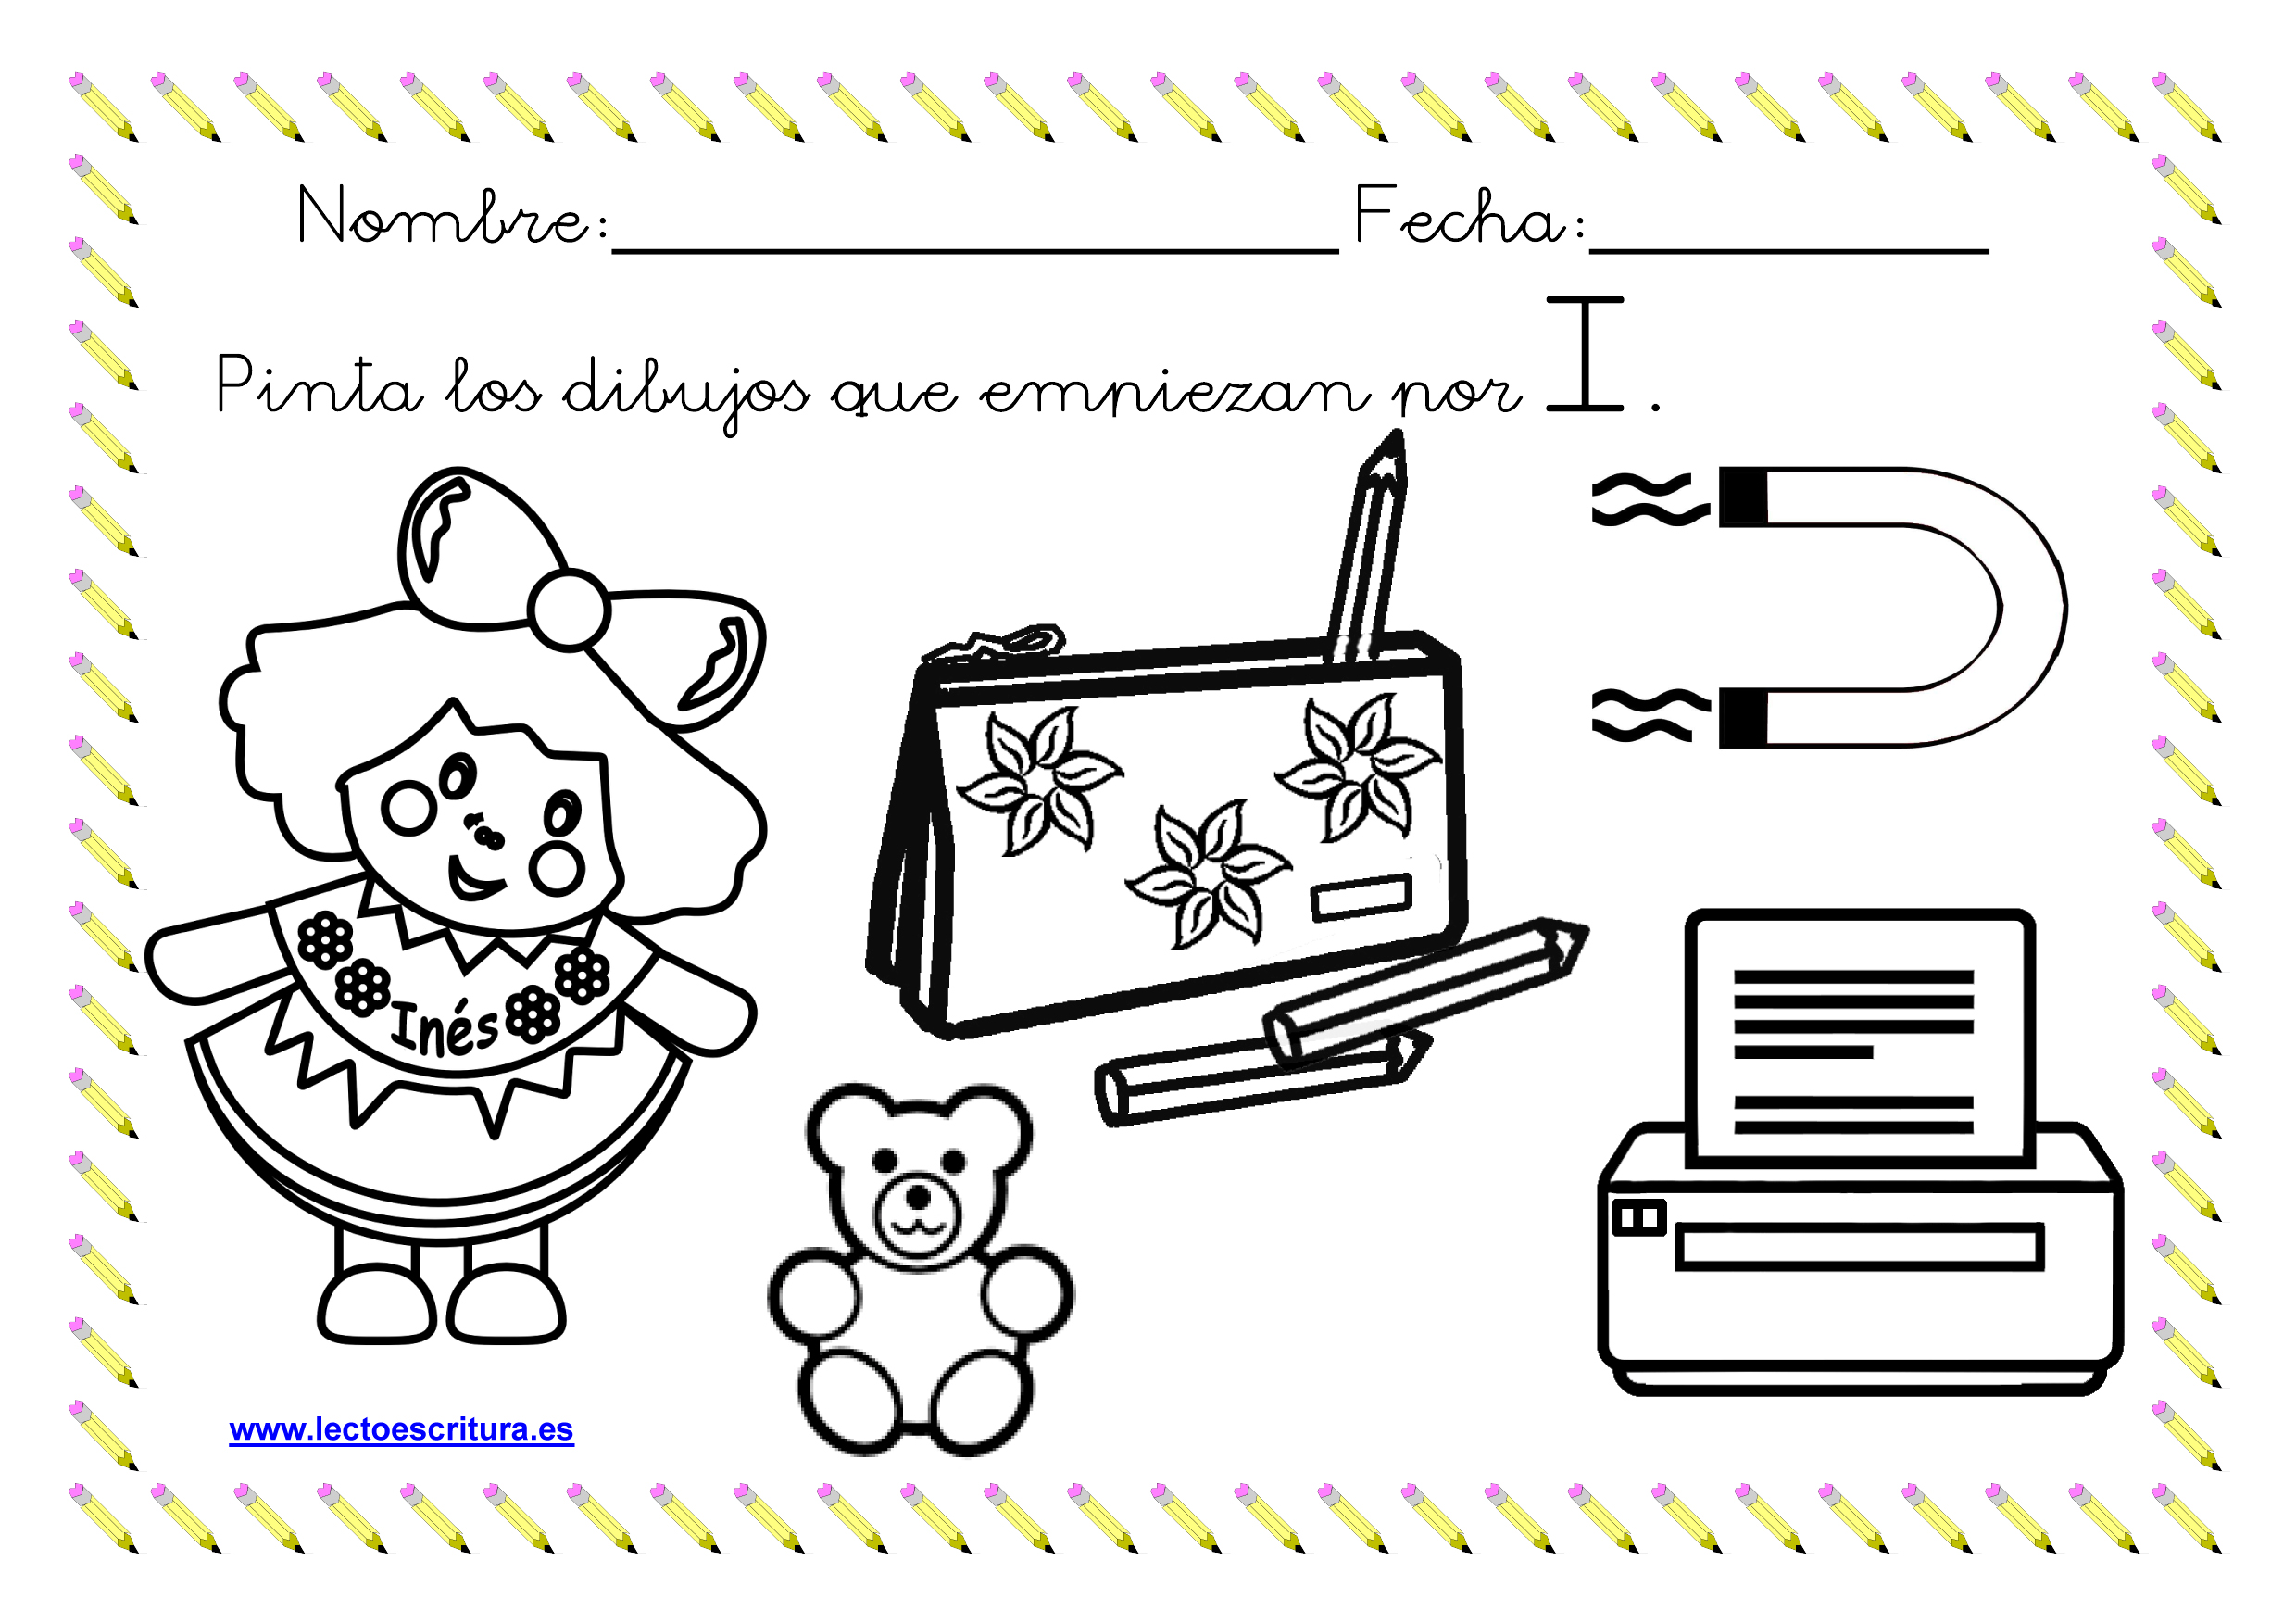 Dibujos Para Colorear Letra Q: Fichas De Colorear Dibujos Que Empiezan Por Una Letra